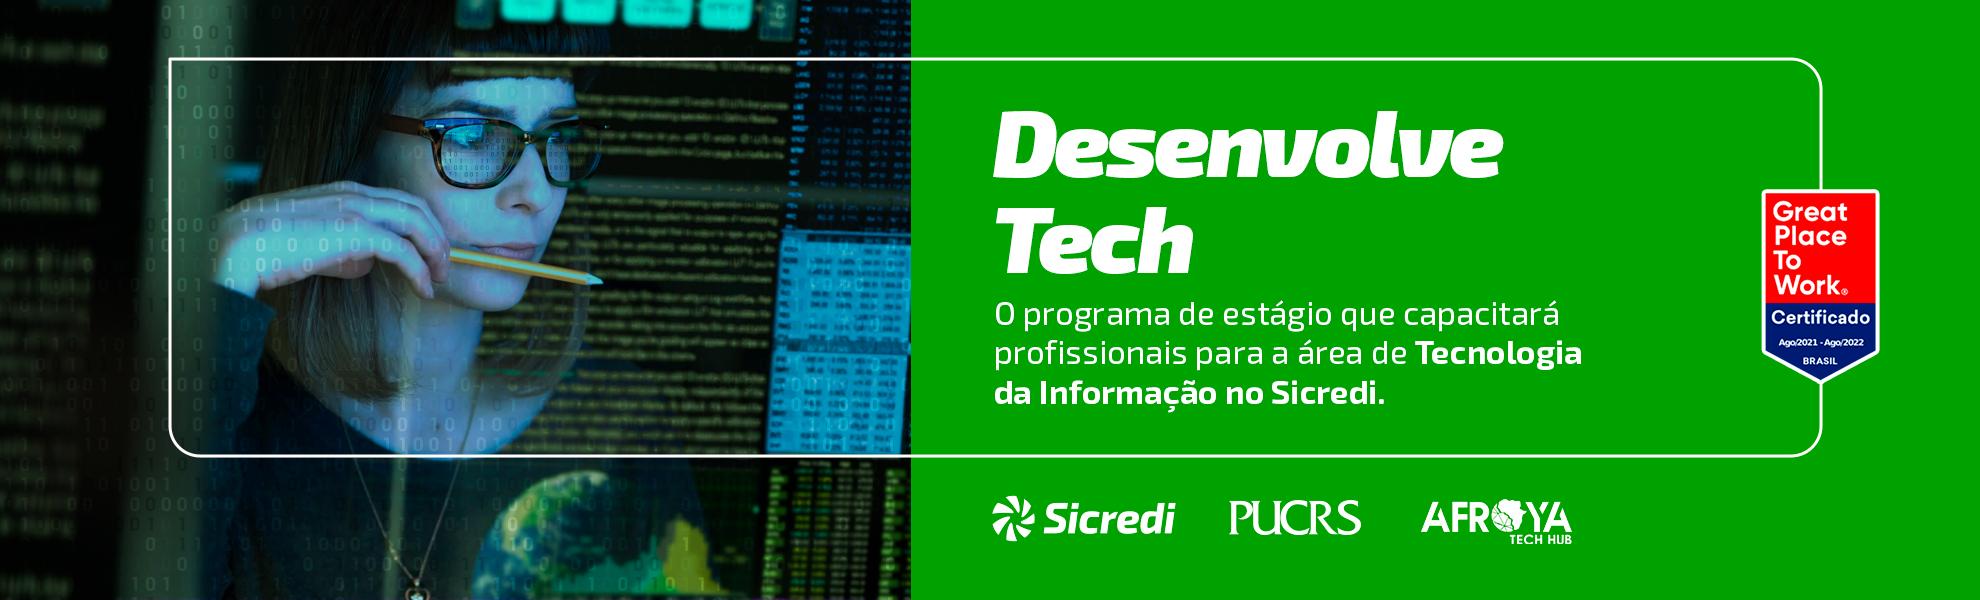 Desenvolve Tech - Programa de Estágio Sicredi